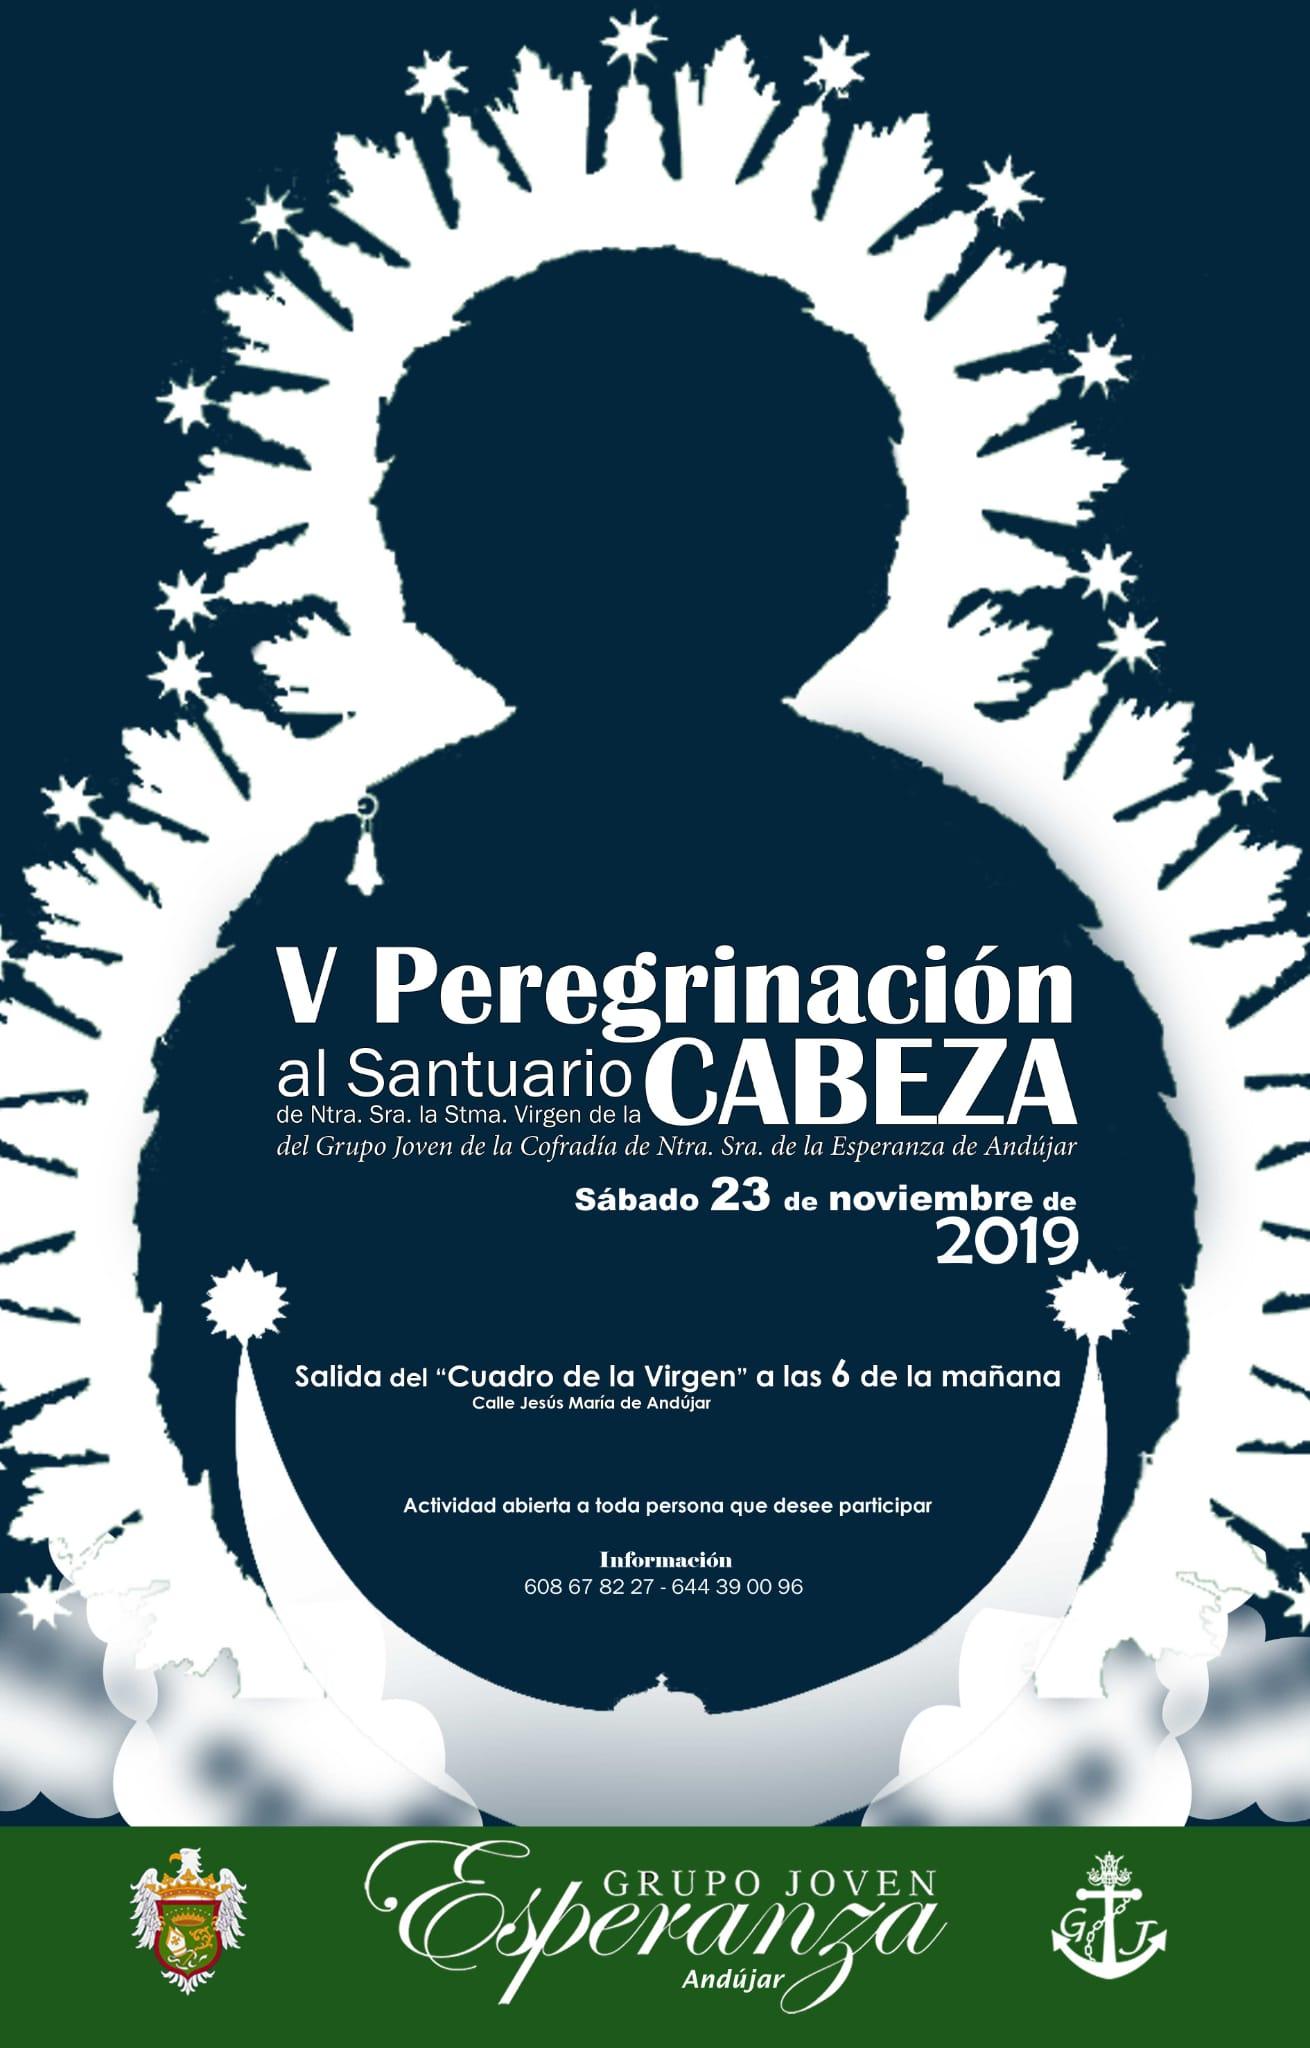 V PEREGRINACIÓN AL SANTUARIO DE LA VIRGEN DE LA CABEZA